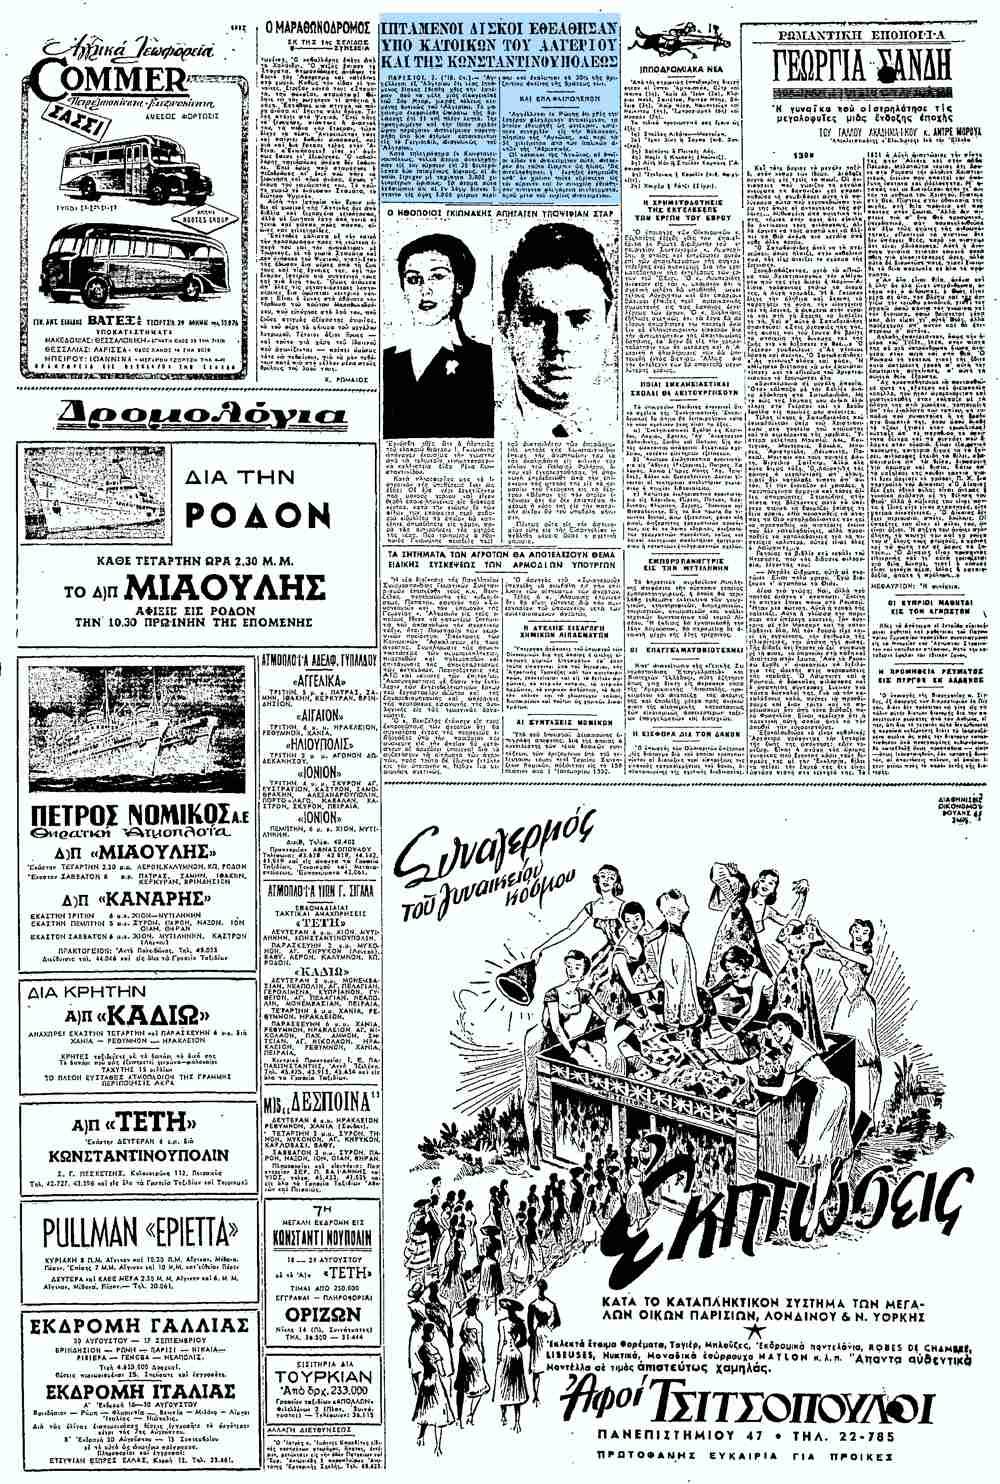 """Το άρθρο, όπως δημοσιεύθηκε στην εφημερίδα """"ΕΛΕΥΘΕΡΙΑ"""", στις 03/08/1952"""